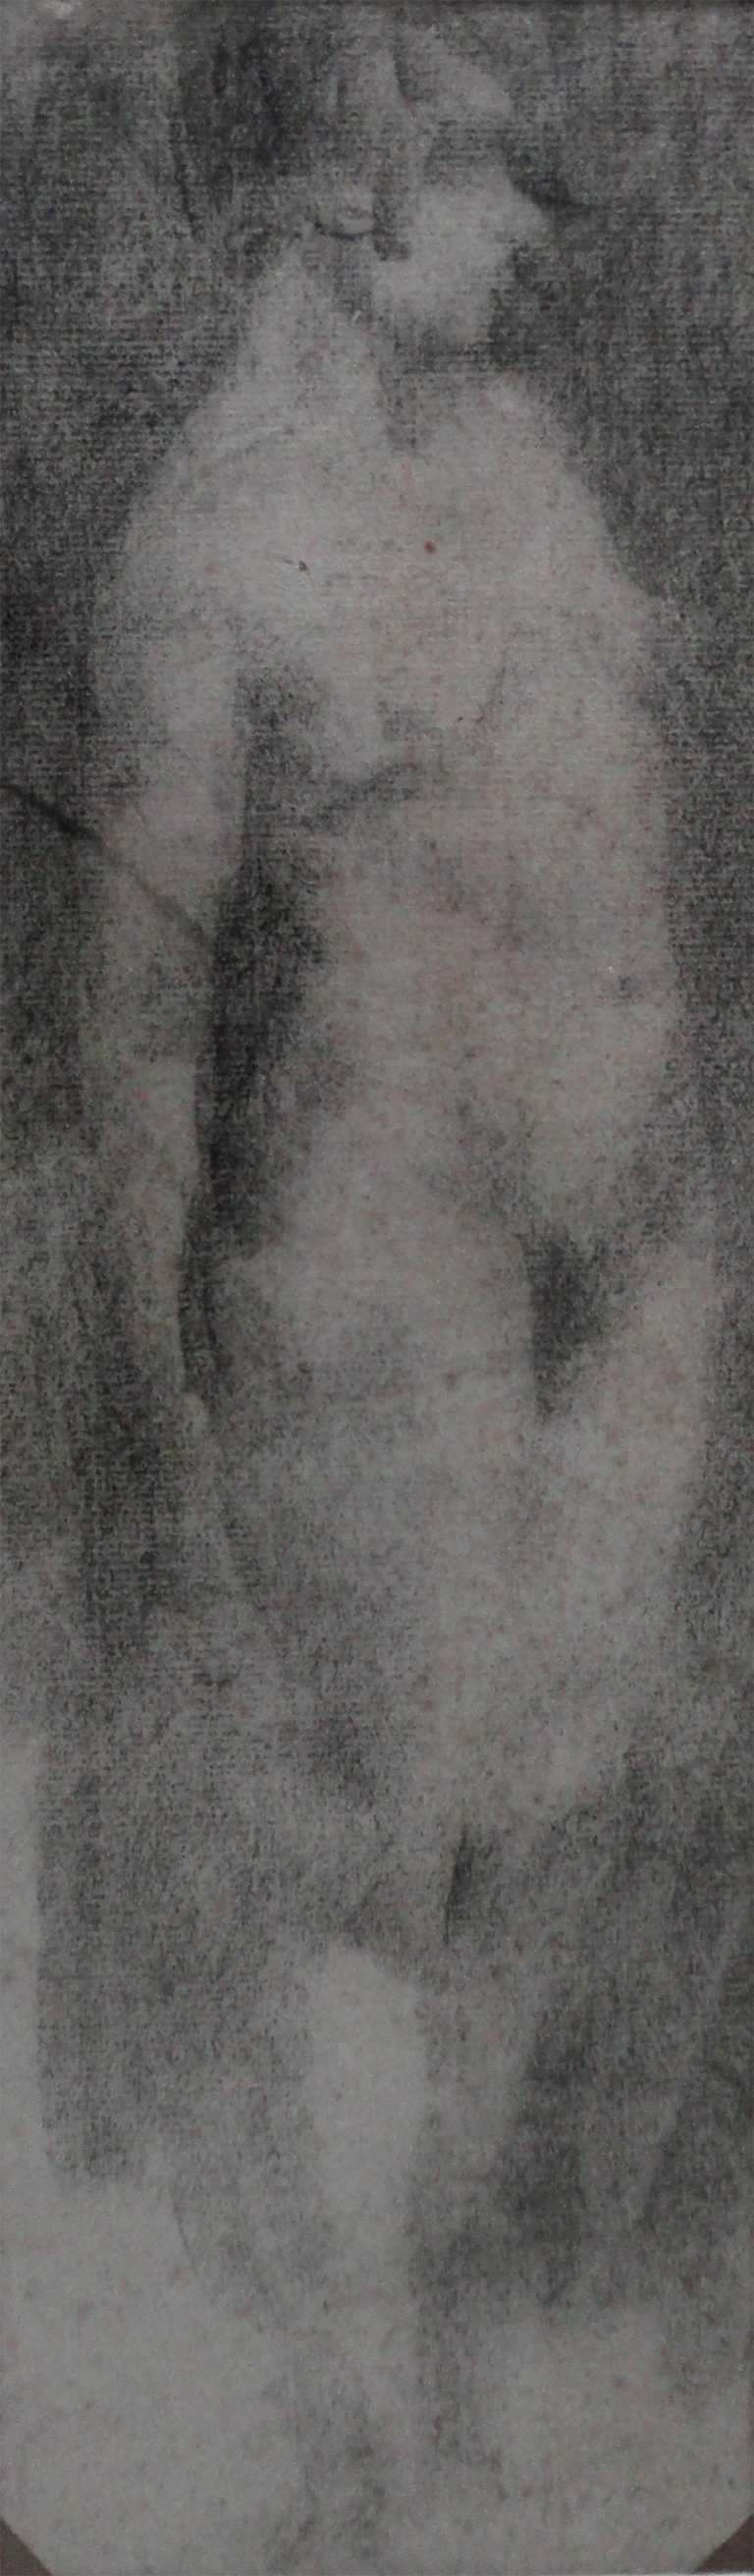 NU FEMININO DE PÉ - CRAYON/PAPEL - 43 x 12 cm - c.1897 - COLEÇÃO PARTICULAR